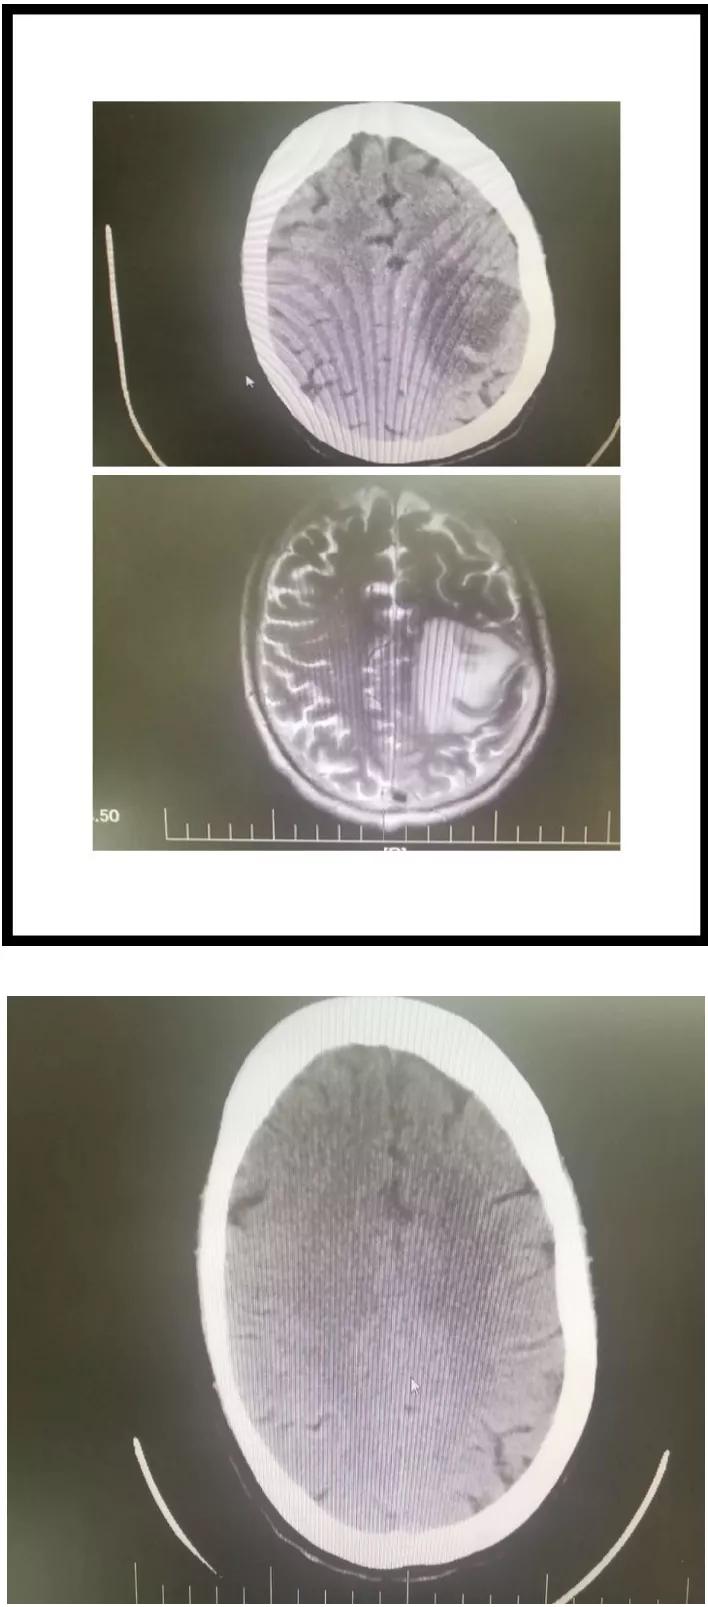 肺癌脑转移治疗前与治疗前后对比